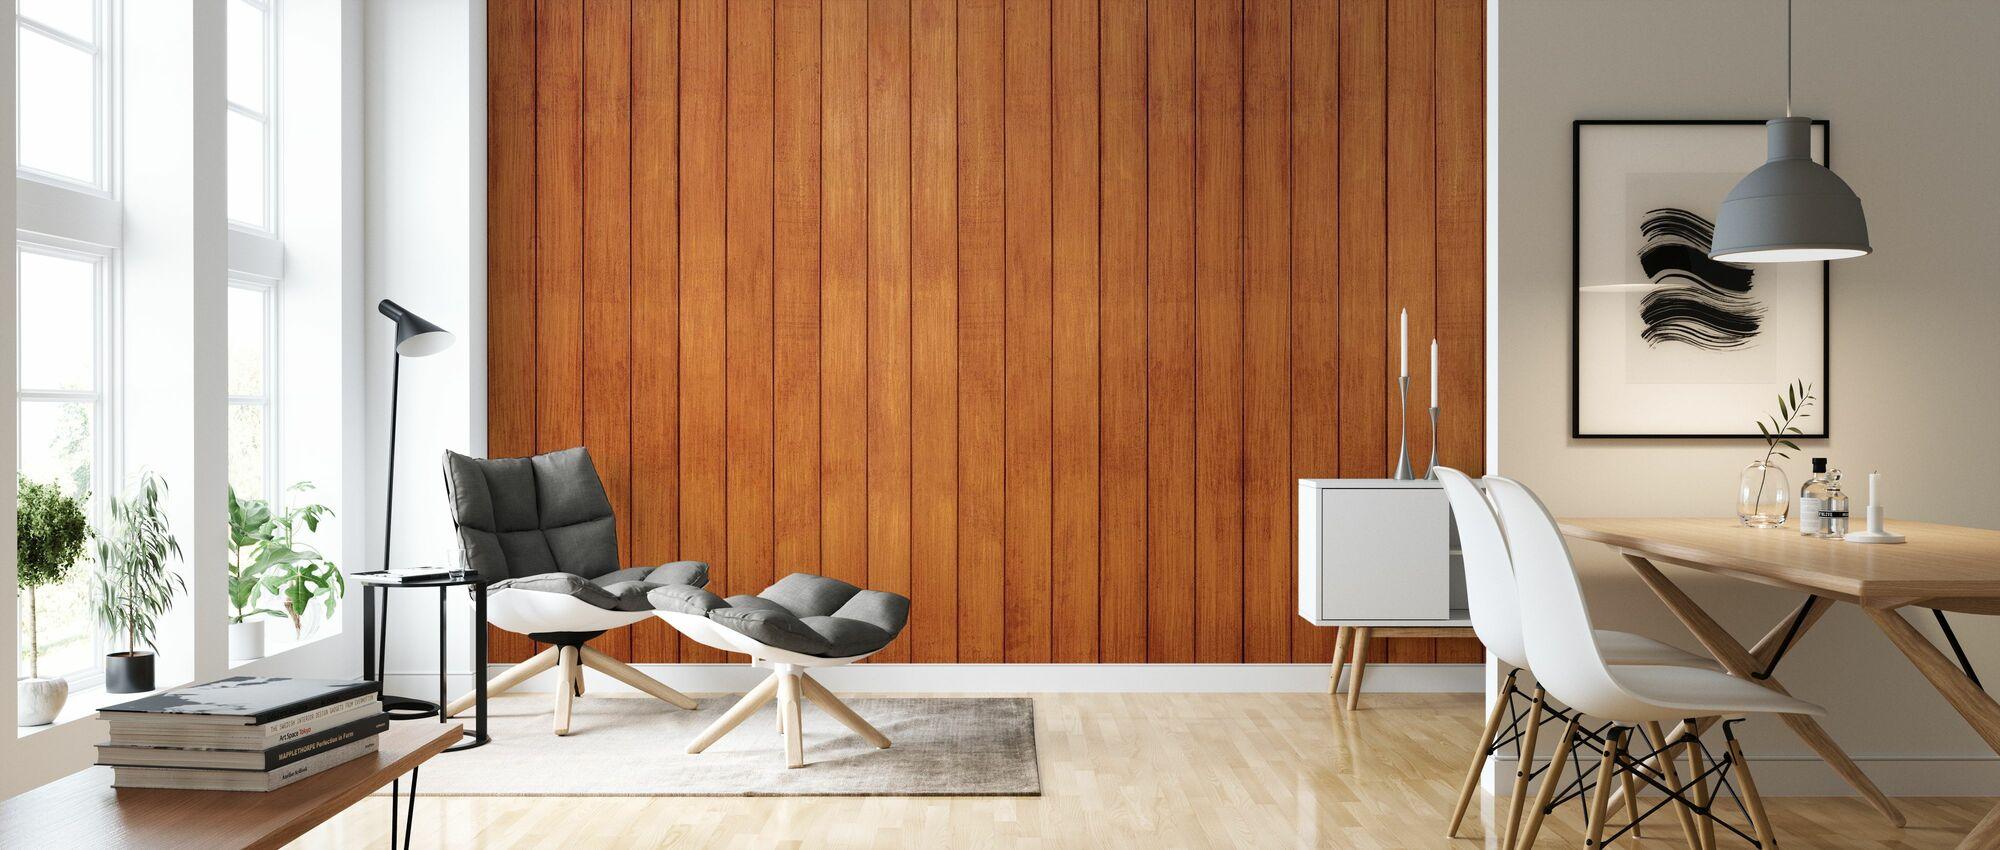 Plank Wall - Wallpaper - Living Room